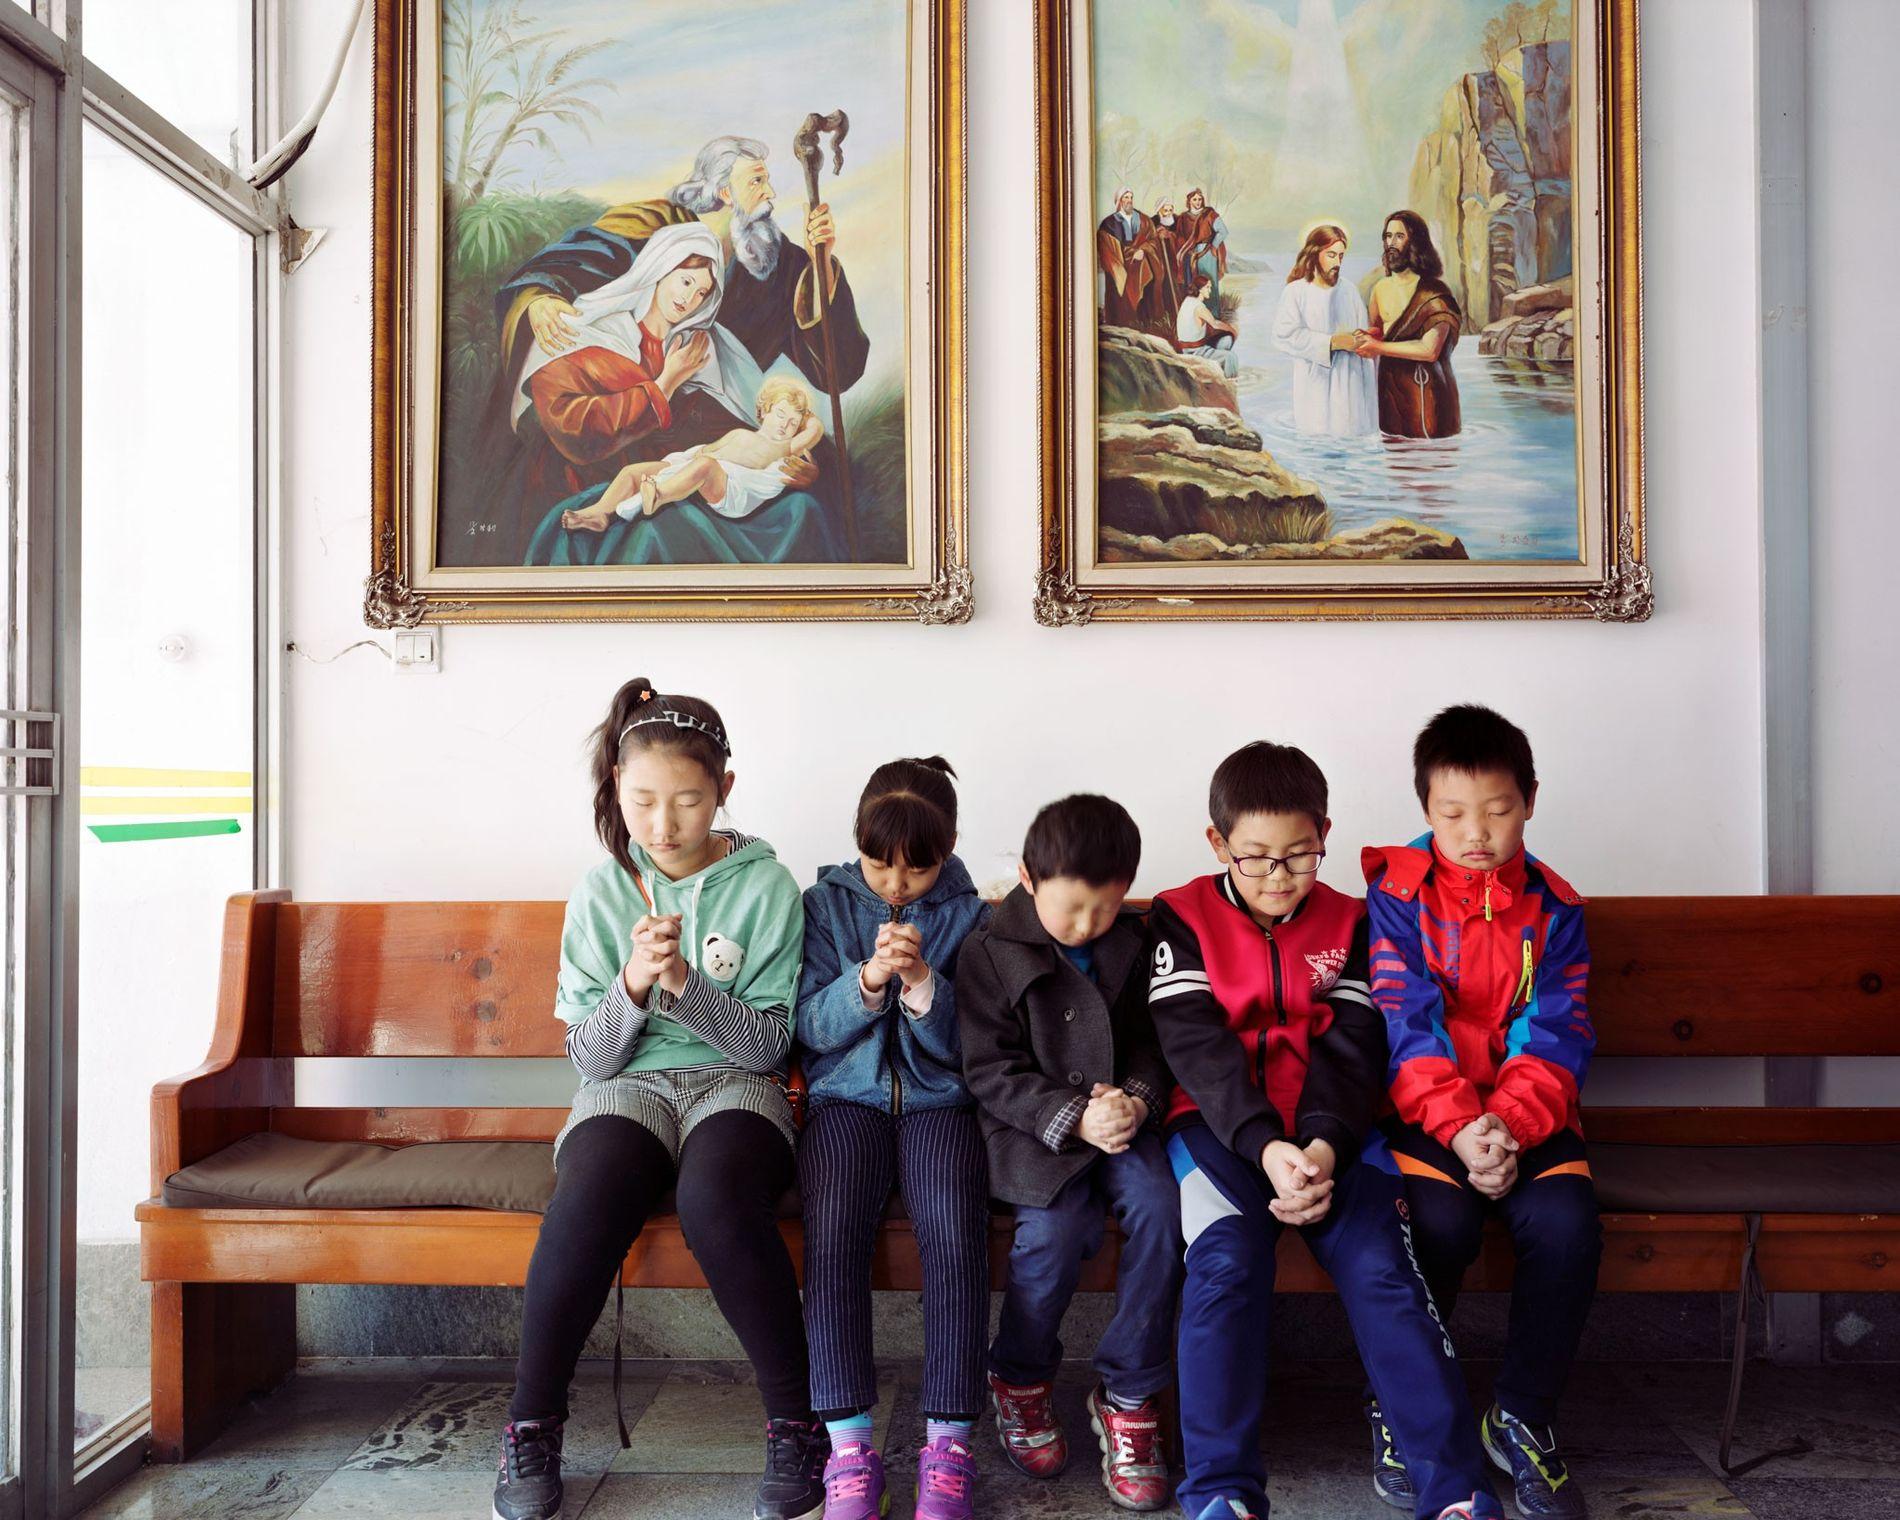 Cinco crianças coreanas rezam em uma igreja local em Longjing, na província de Jilin, na China, em 2017. Fazendo fronteira com a Coreia do Norte, Longjing é o lar de uma grande comunidade de etnia coreana.